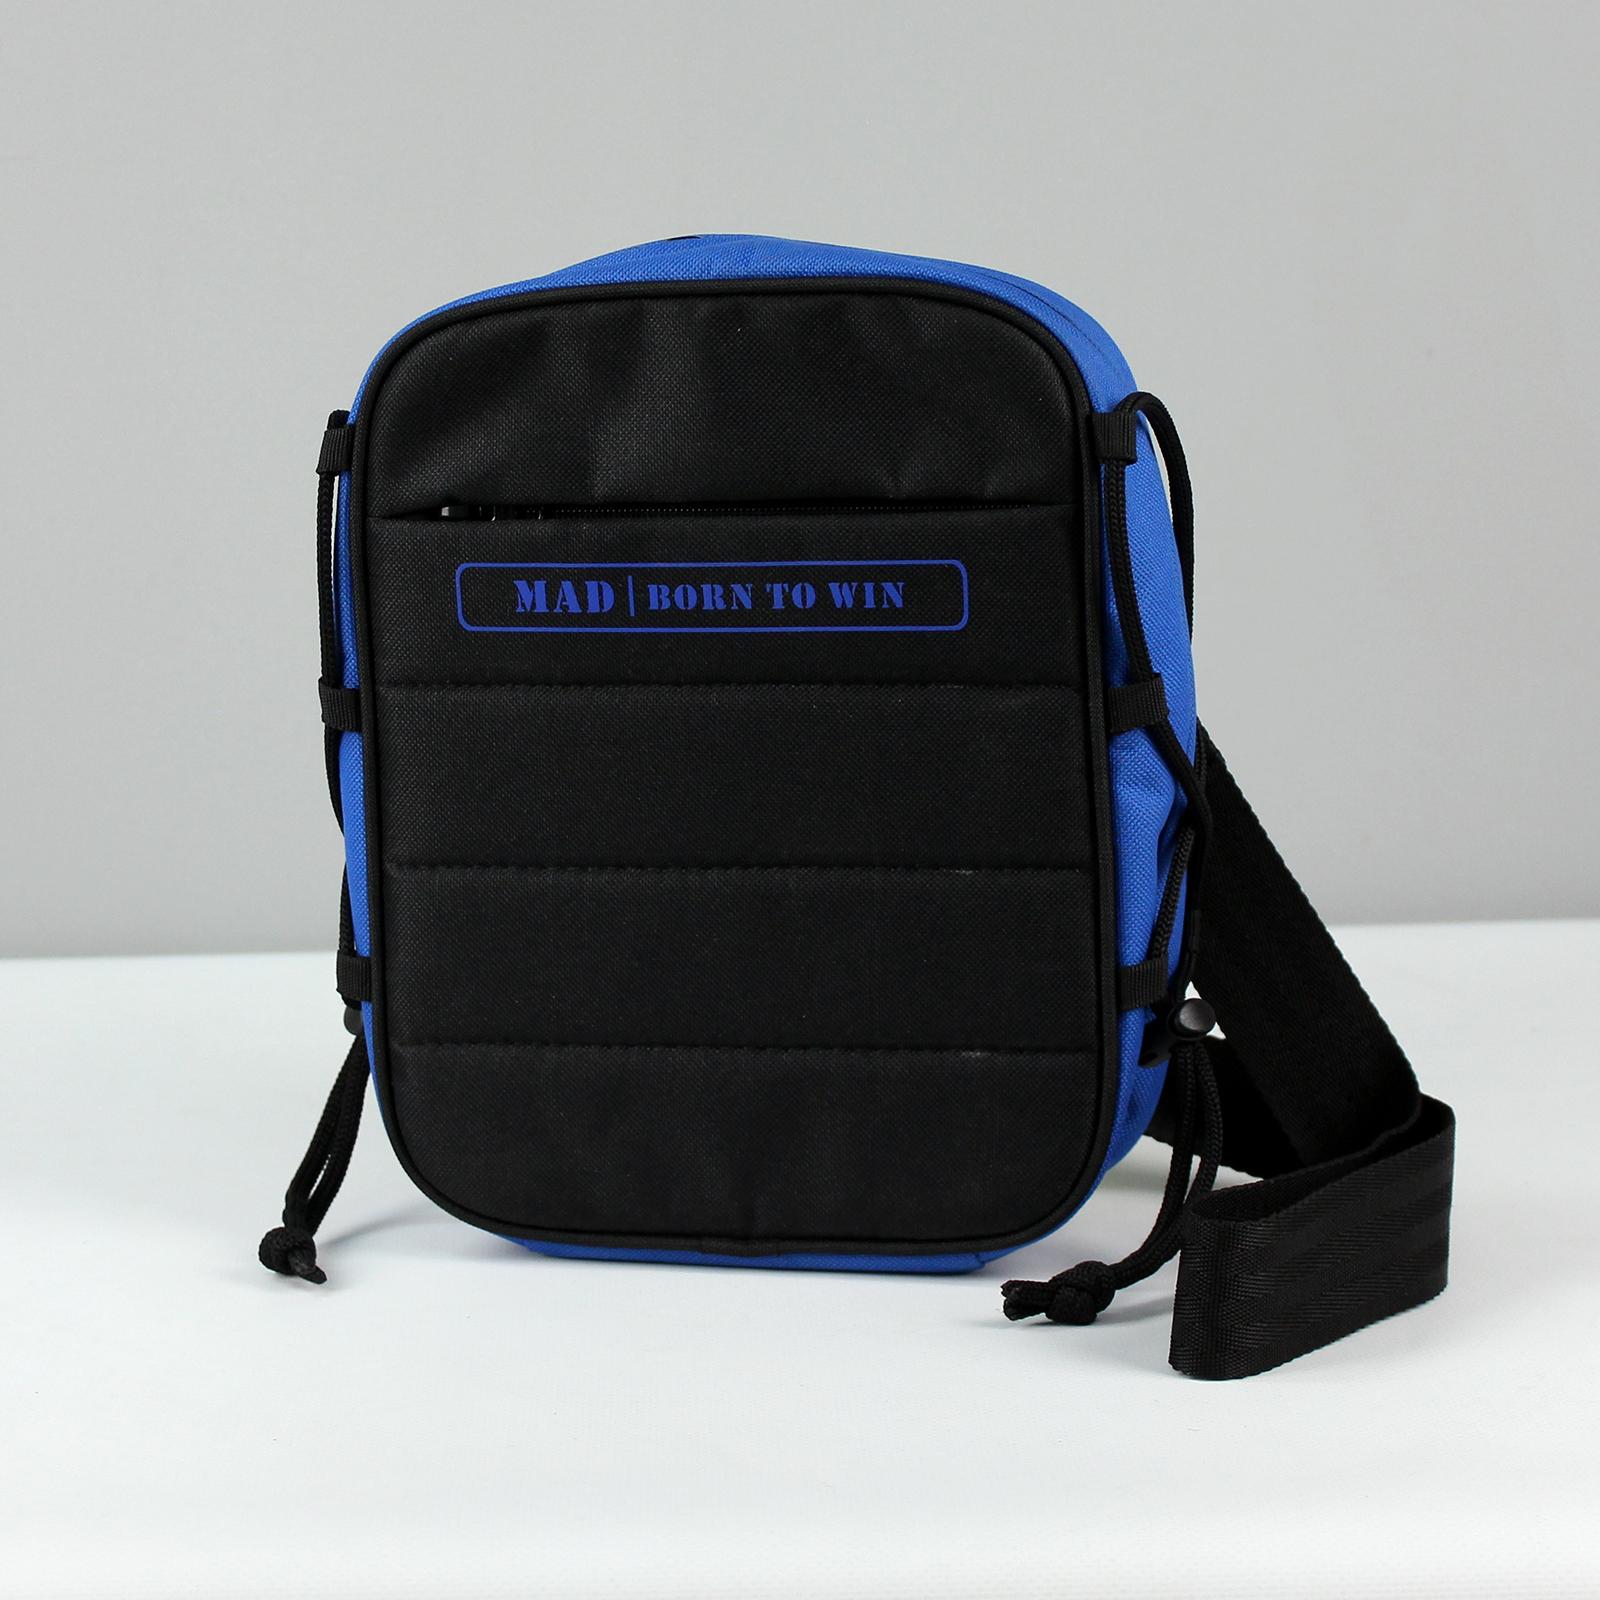 сумка мессенджер, сумки на плечо, сумки через плечо, сумки плечо, купить сумку на плечо